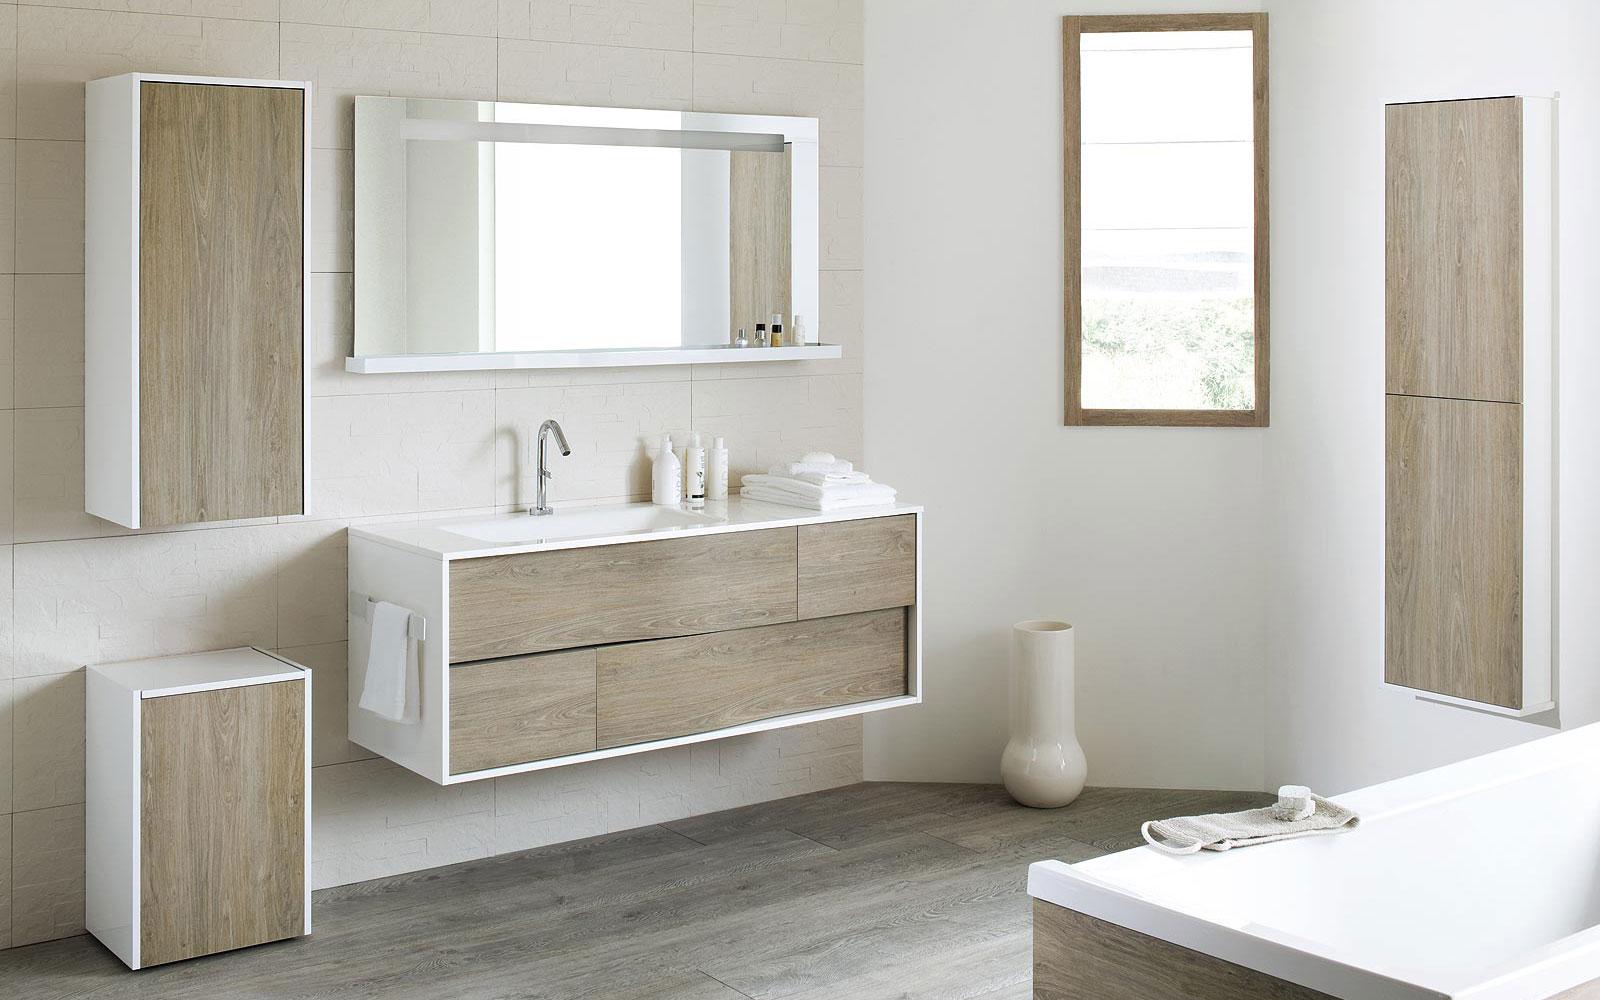 Les nouveaux volumes dans la salle de bain a5 nf c 15 100 - Paravent salle de bain ...